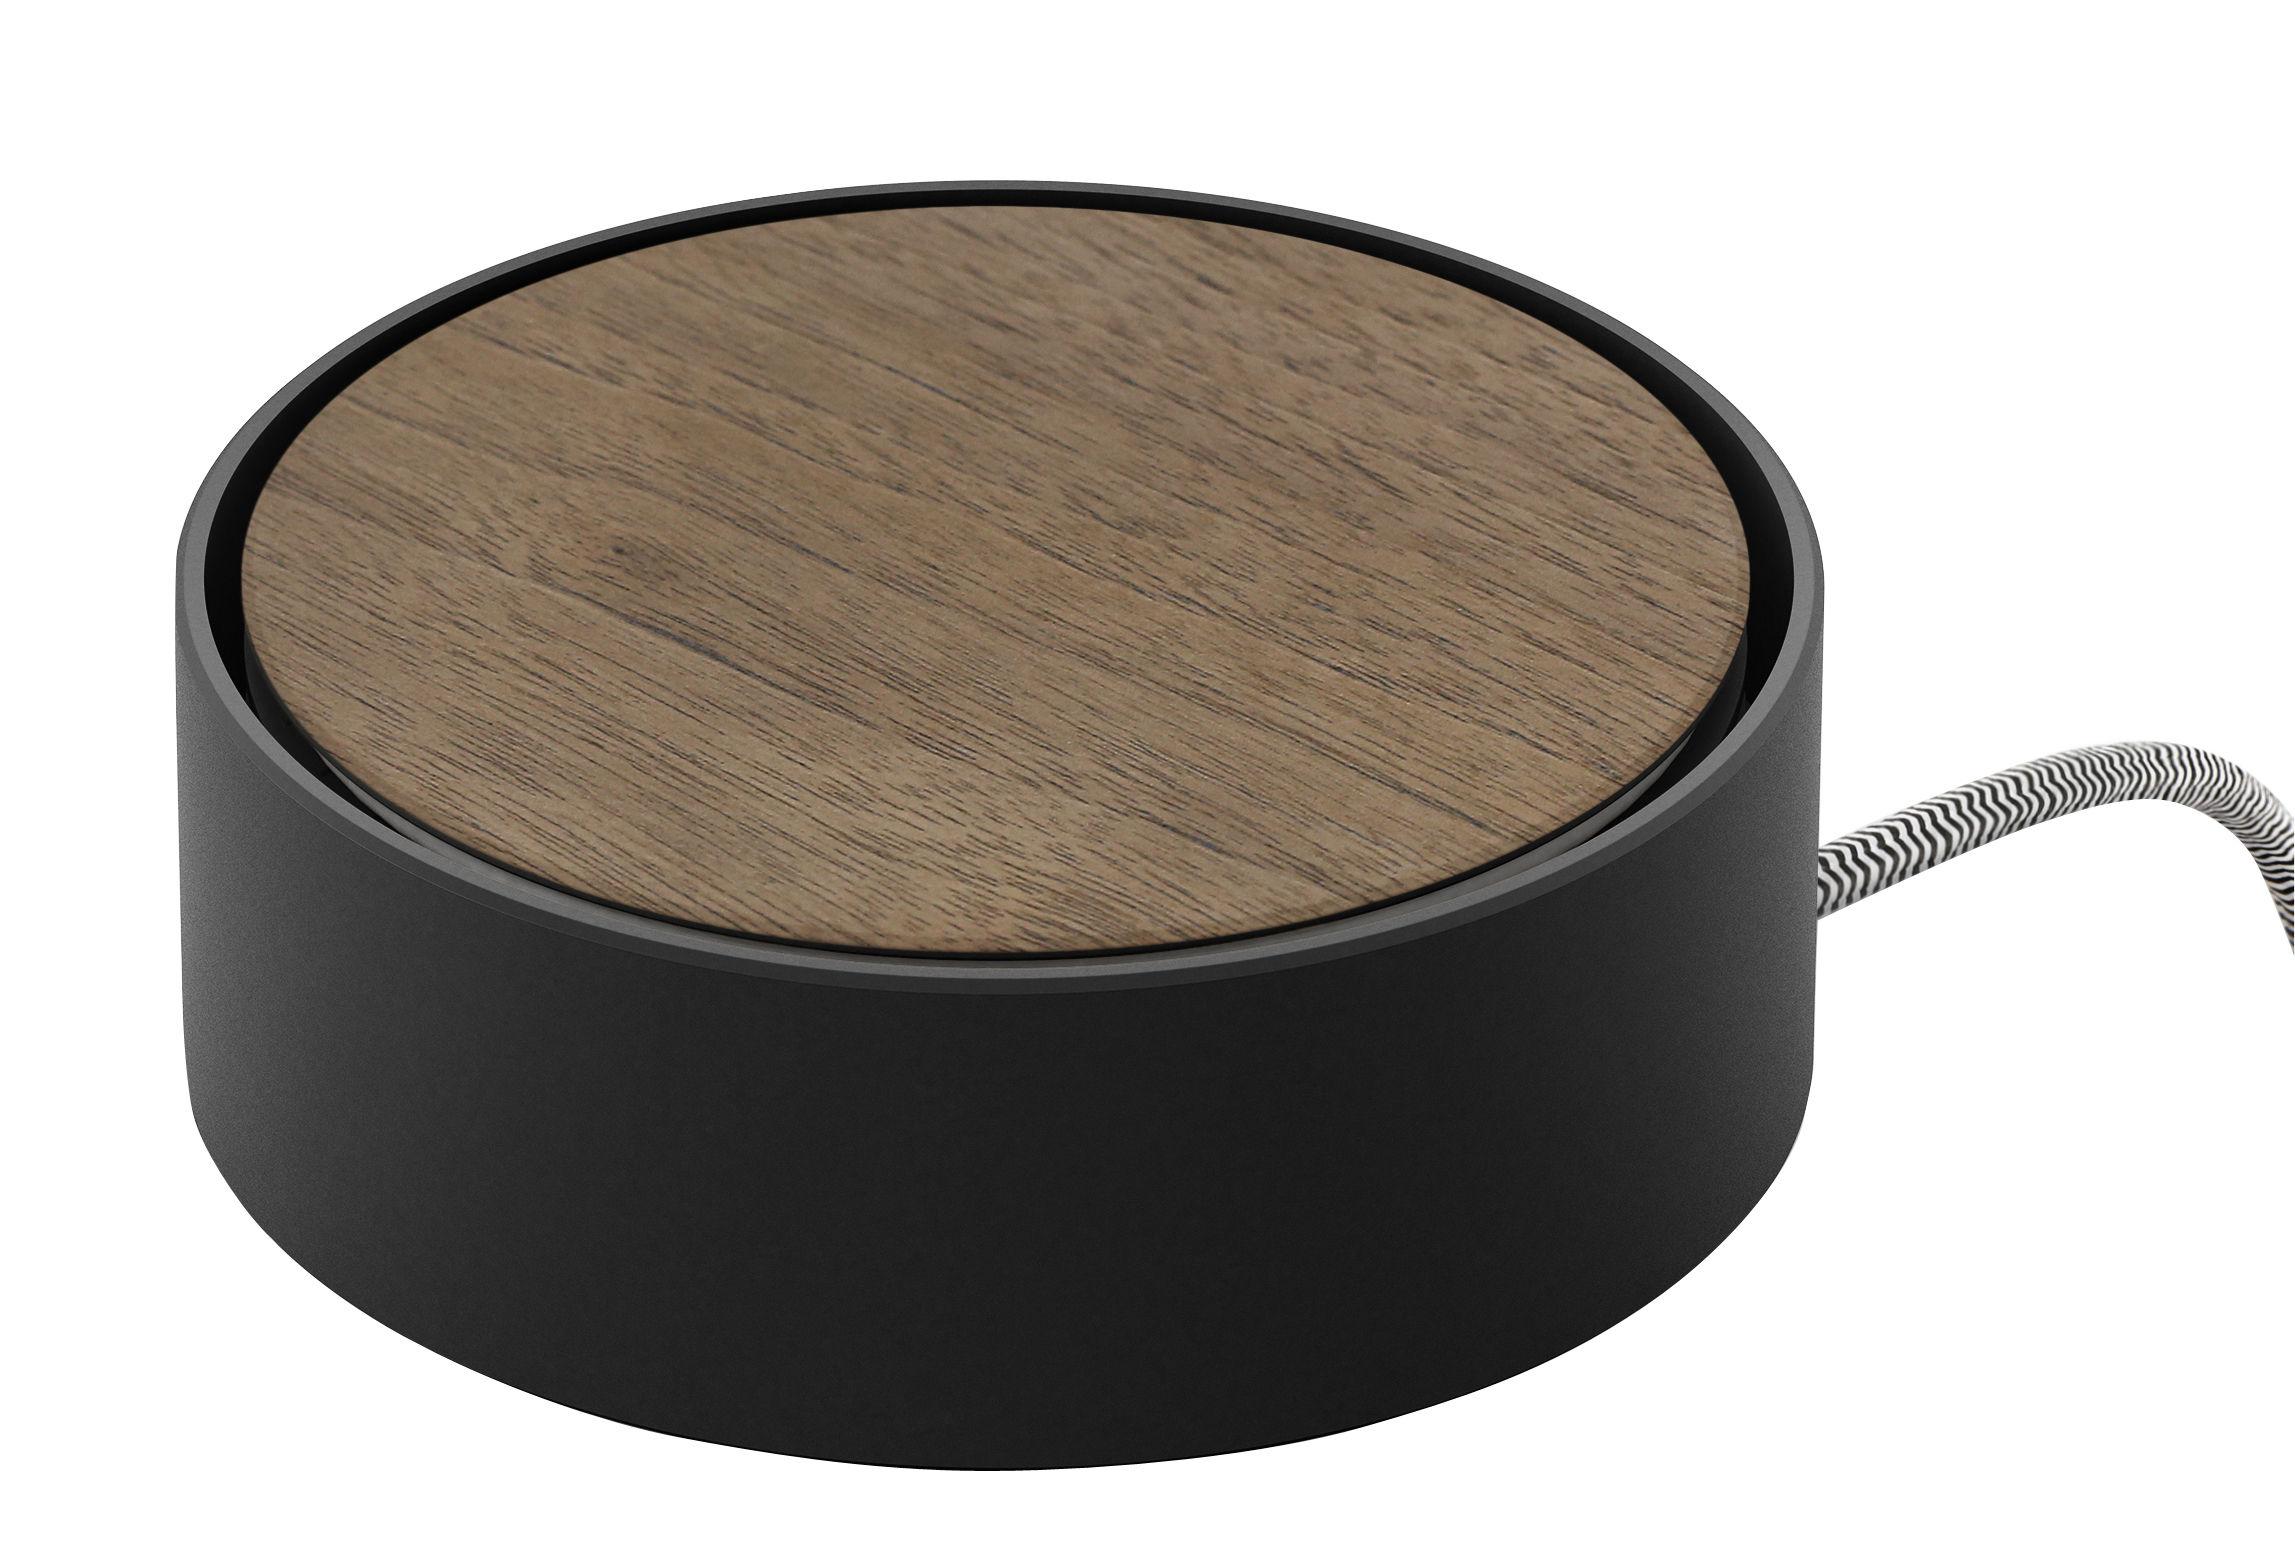 Accessoires - Objets connectés, accessoires high tech - Station de charge Eclipse / 3 ports USB - Native Union - Noir & bois - Bois, Métal